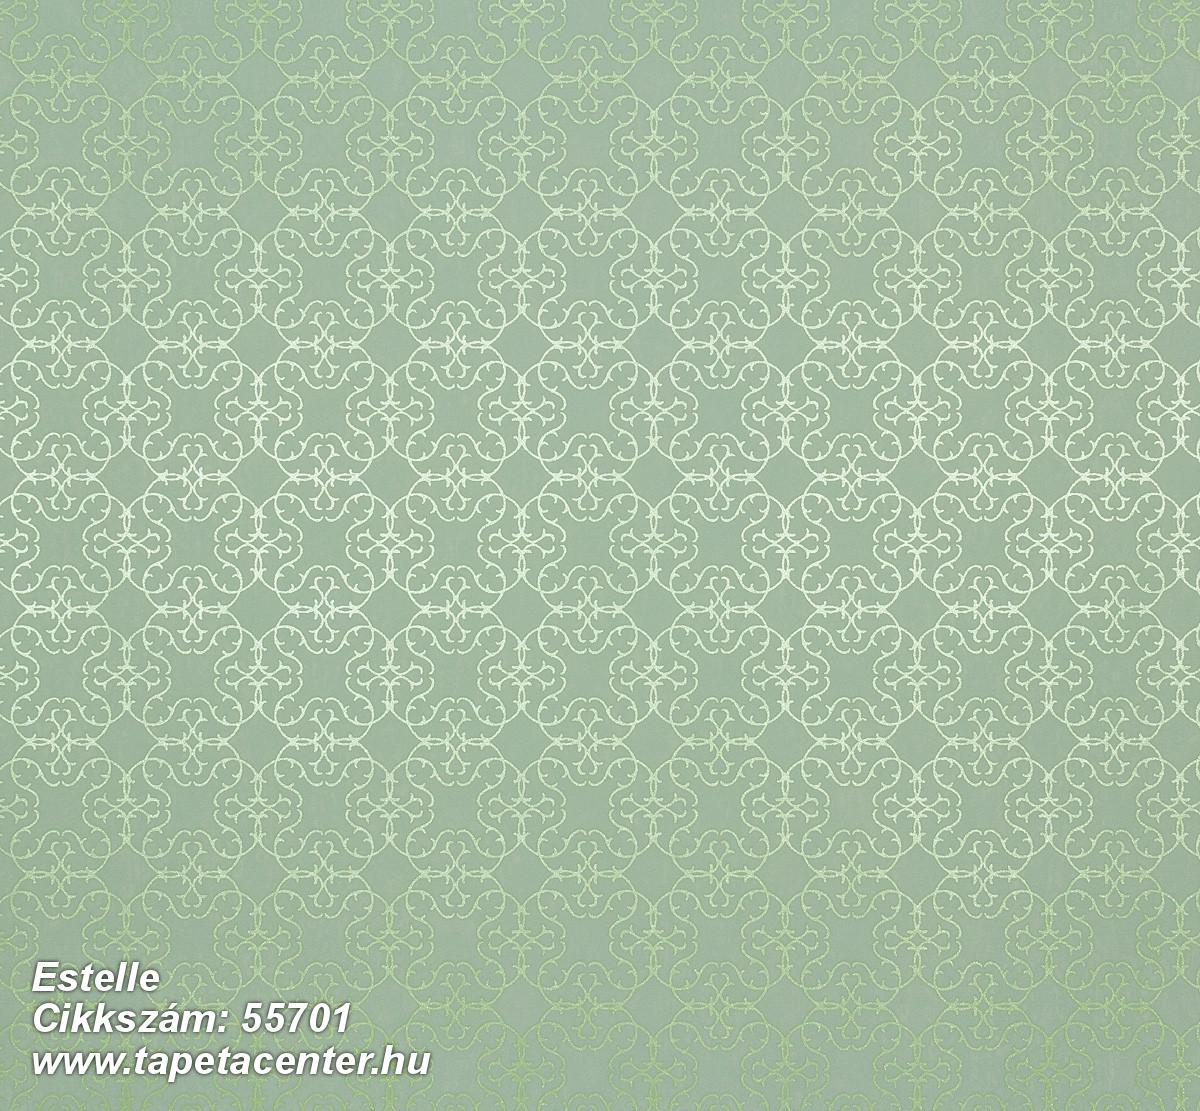 Absztrakt,kockás,metál-fényes,retro,textil hatású,textilmintás,ezüst,türkiz,zöld,lemosható,vlies tapéta